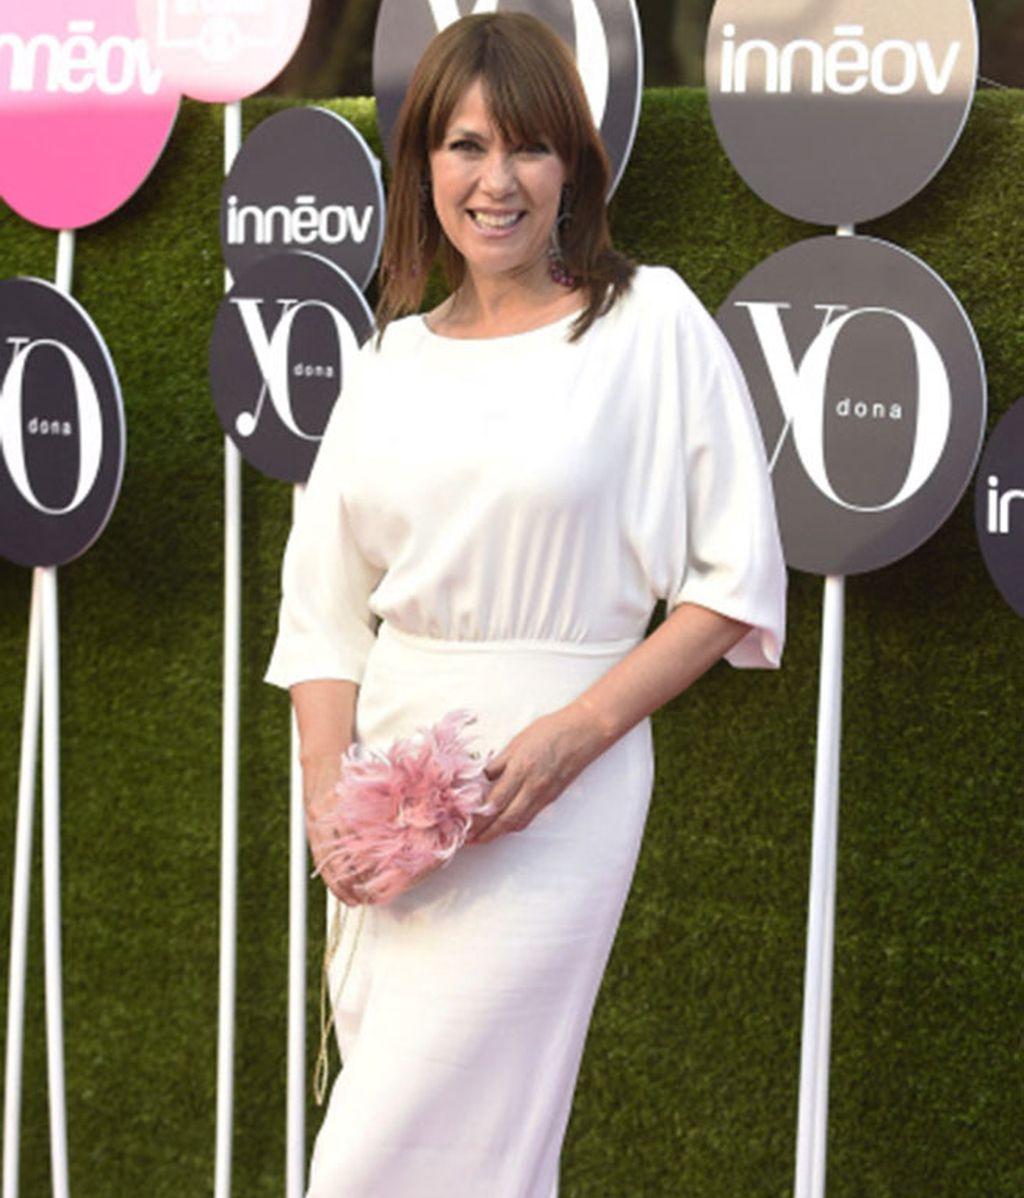 La actriz Mabel Lozano, perfecta con un vestido blanco y muy sonriente